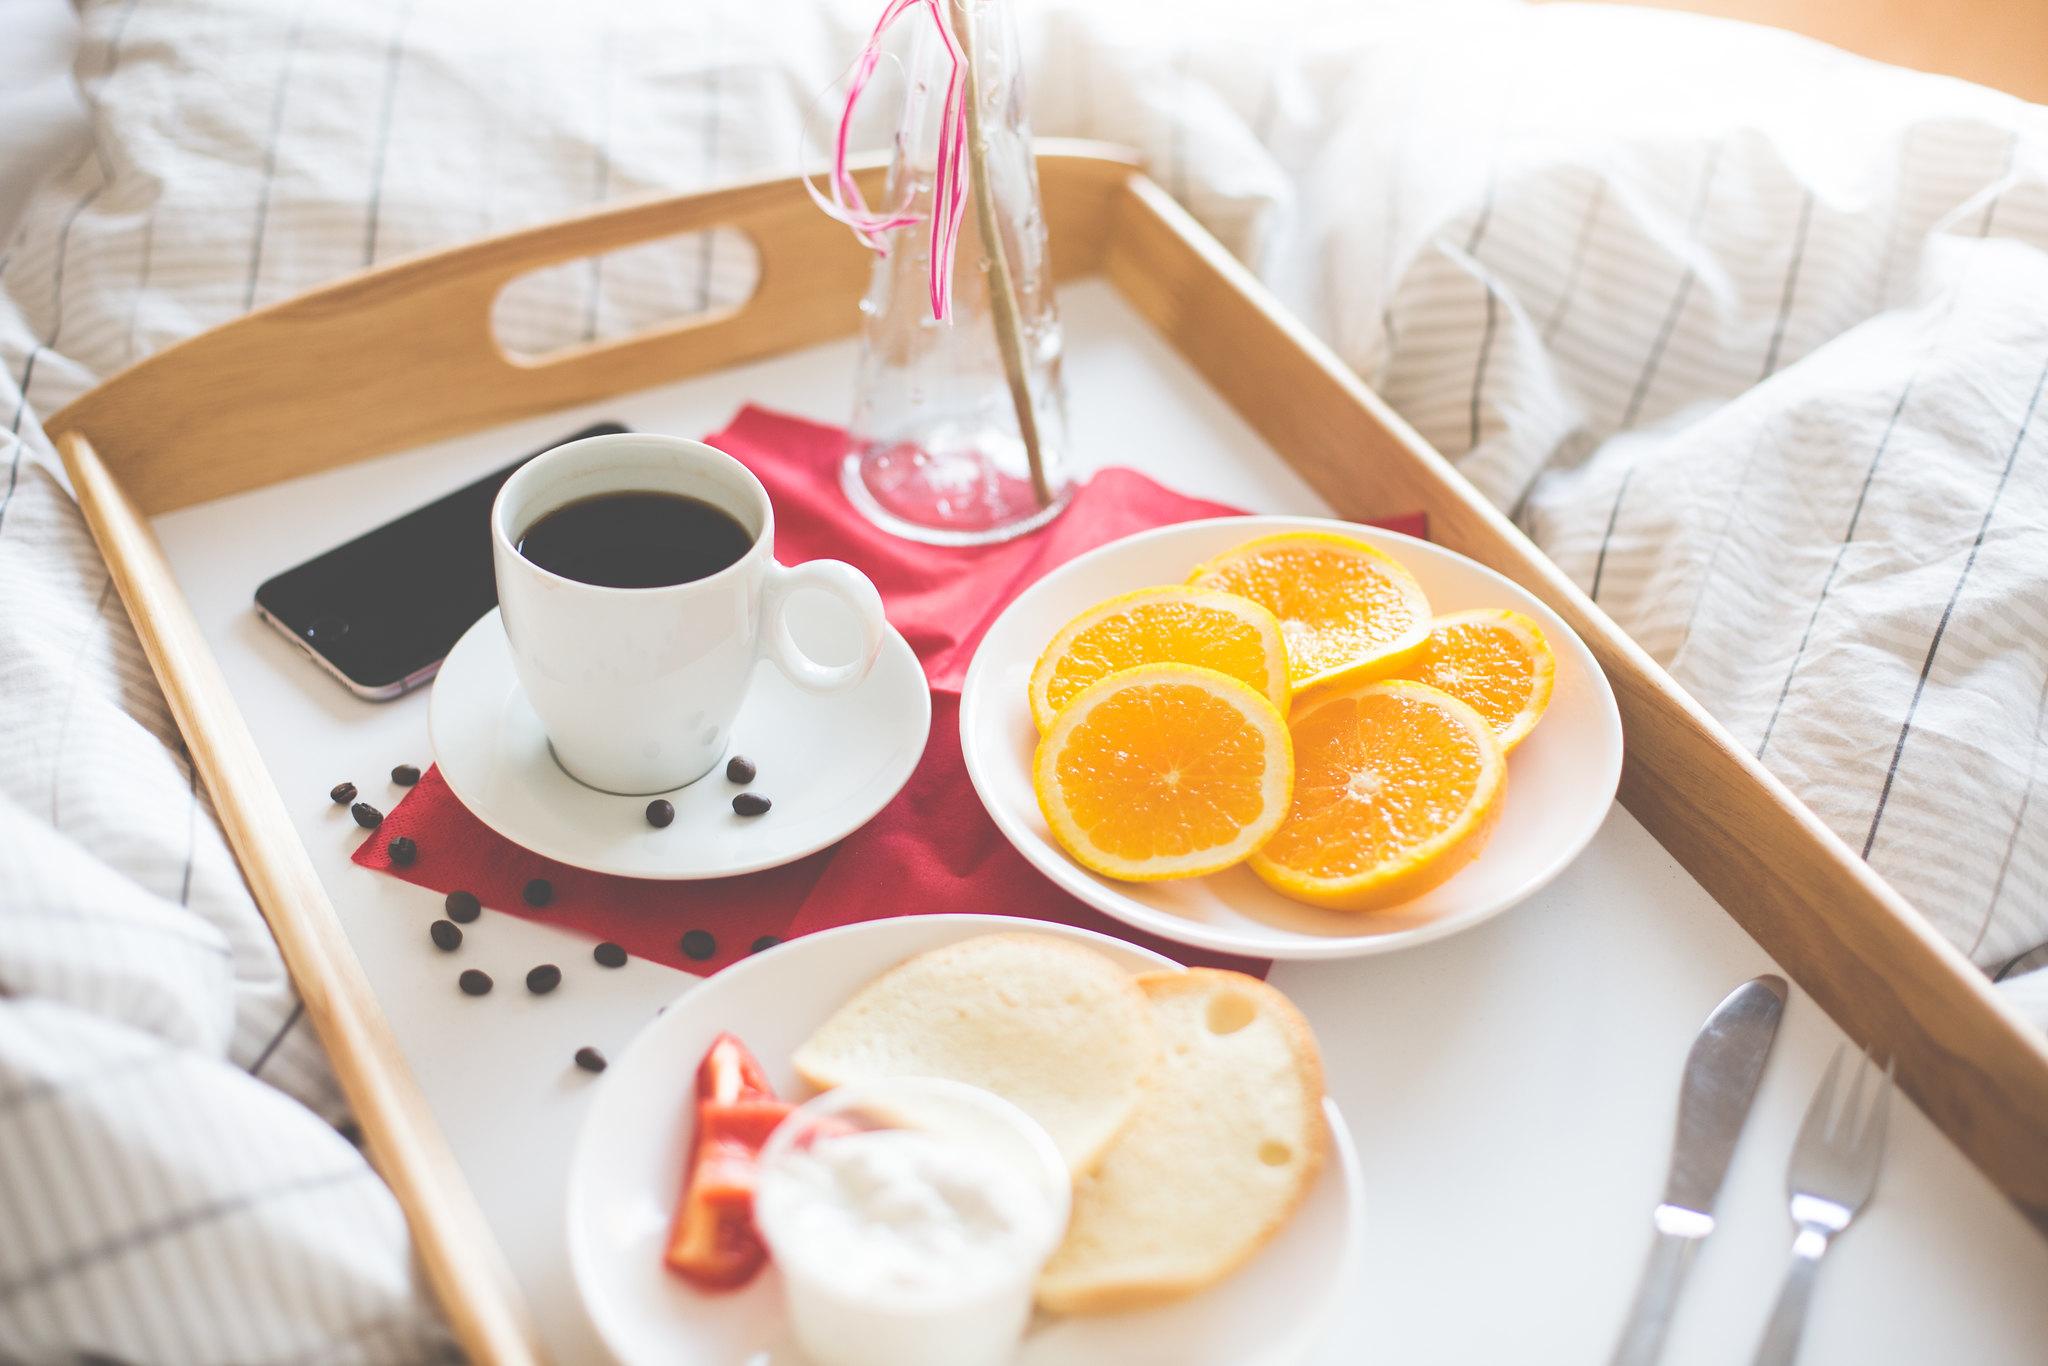 Imagen gratis de un desayuno en la cama im genes gratis - Bandeja desayuno cama ...